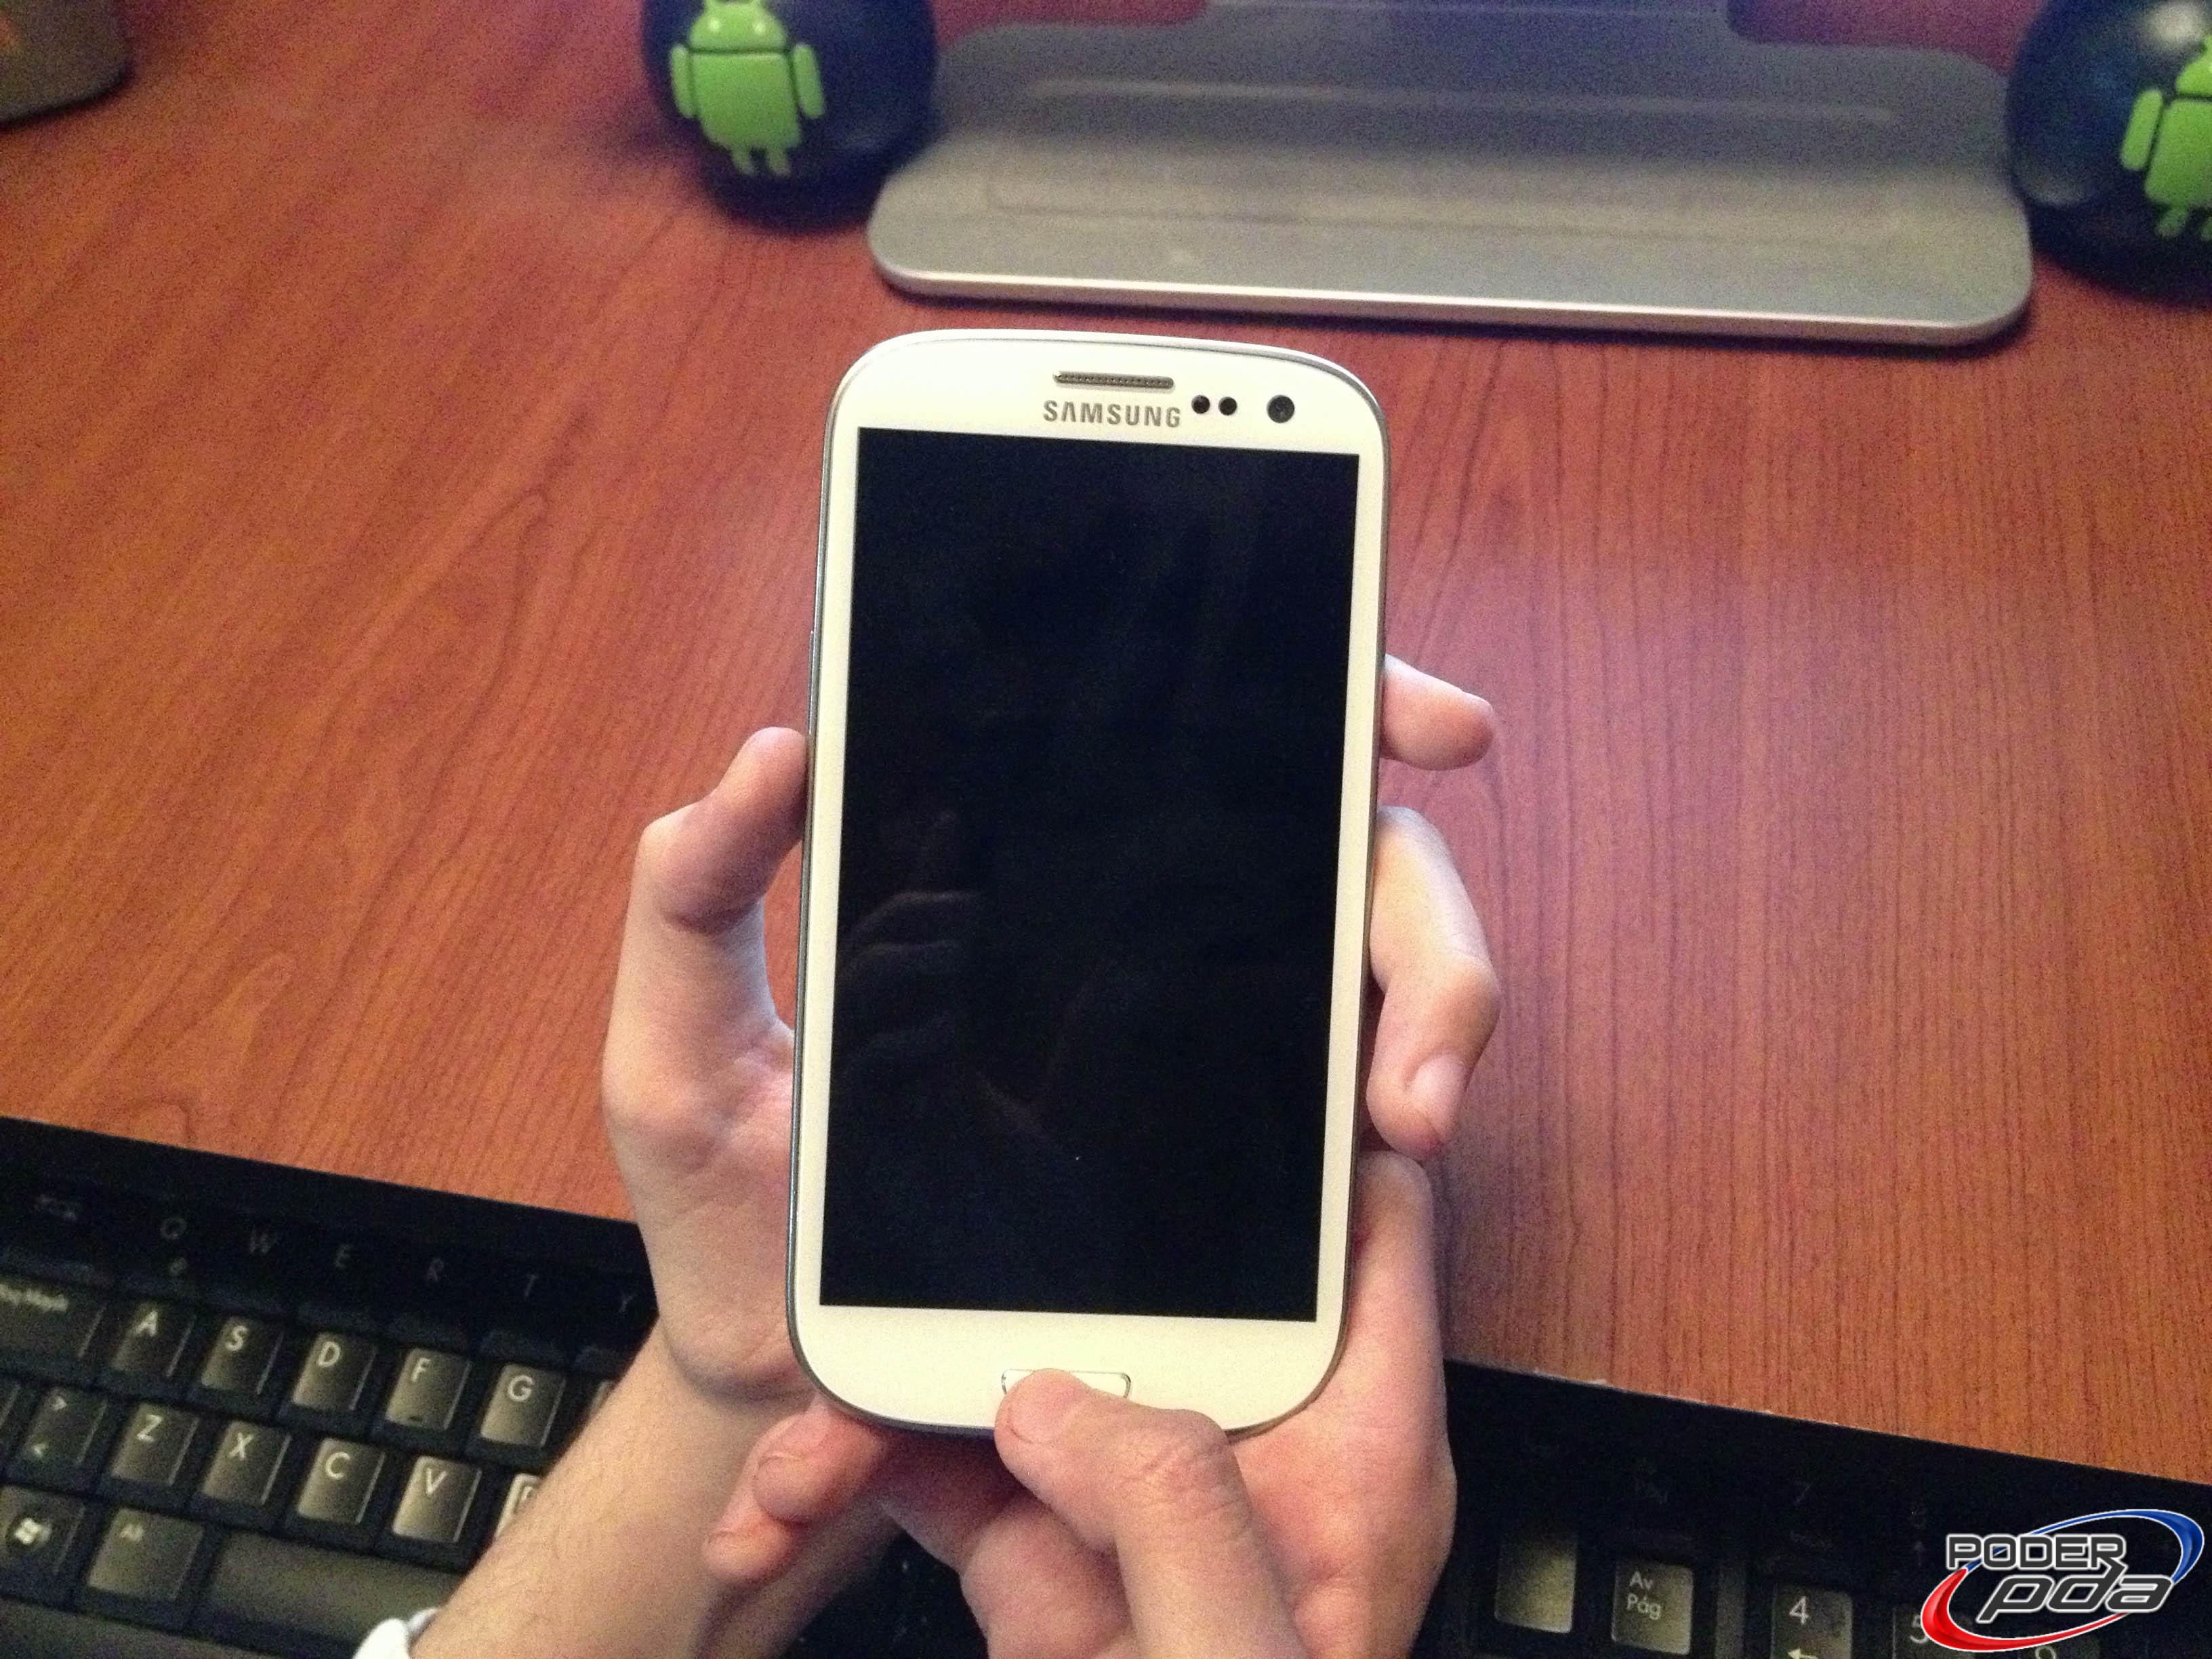 Poniendo Samsung Galaxy S3 en Download Mode